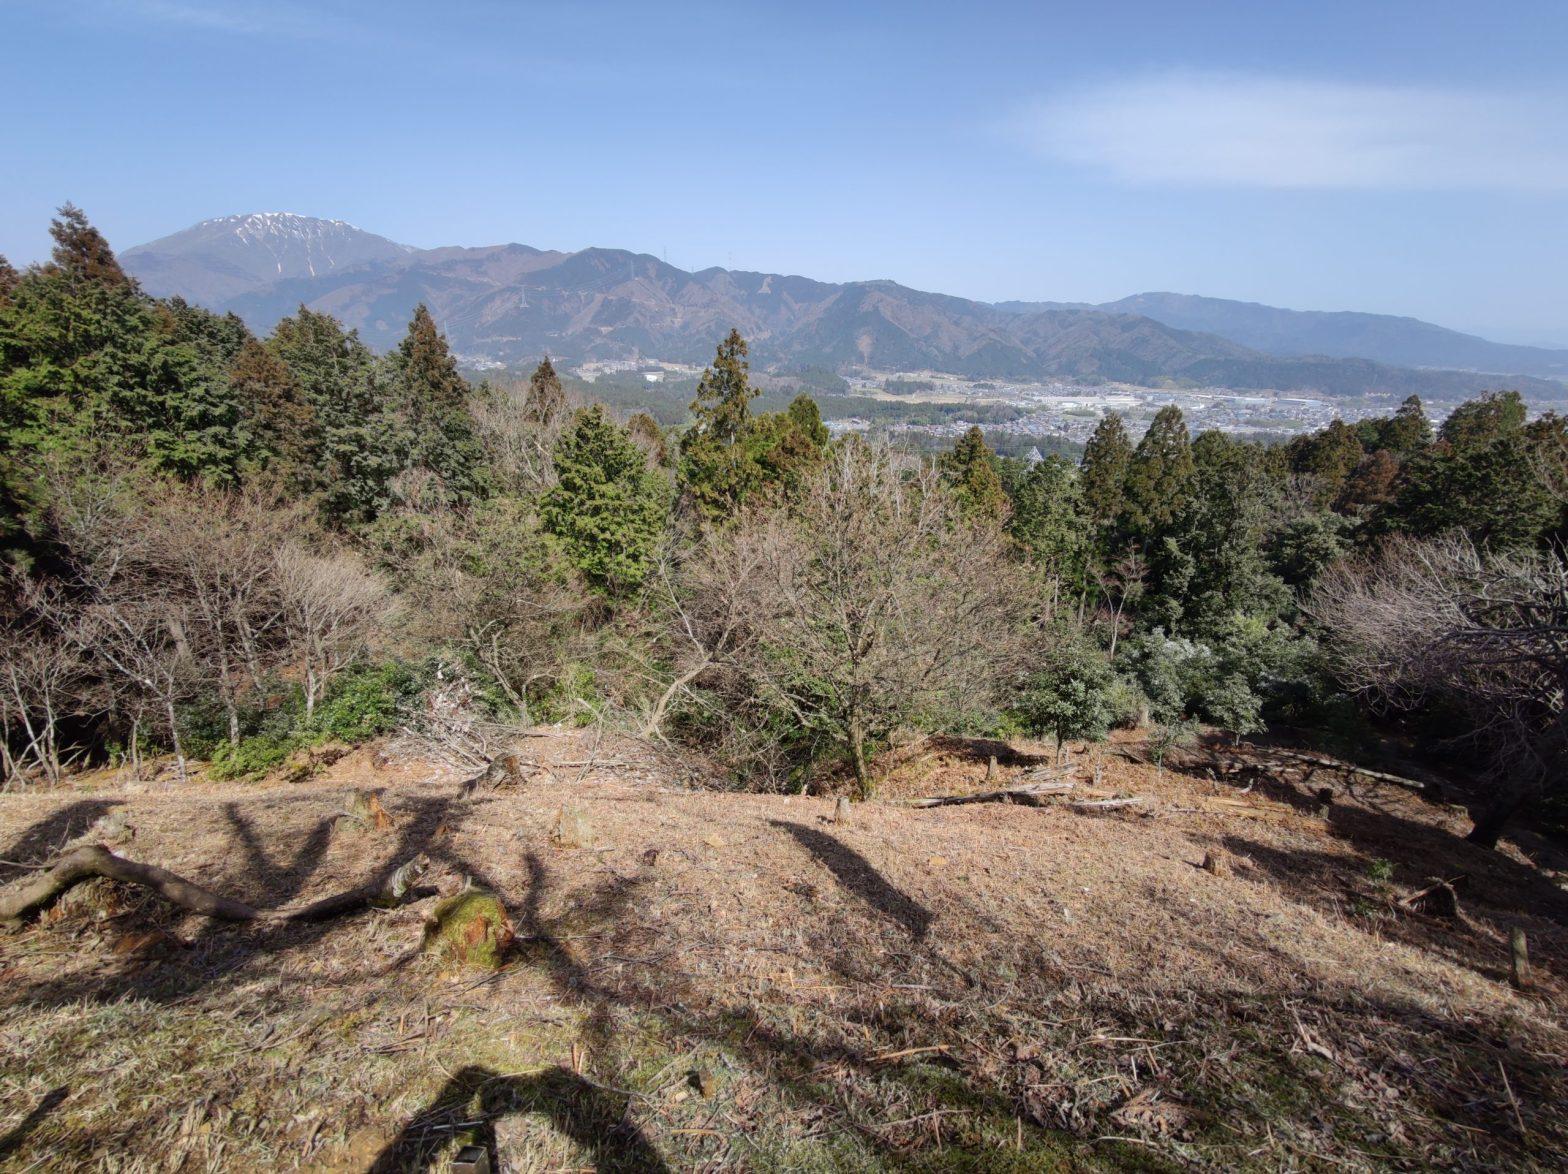 松尾山城跡から見る関ケ原